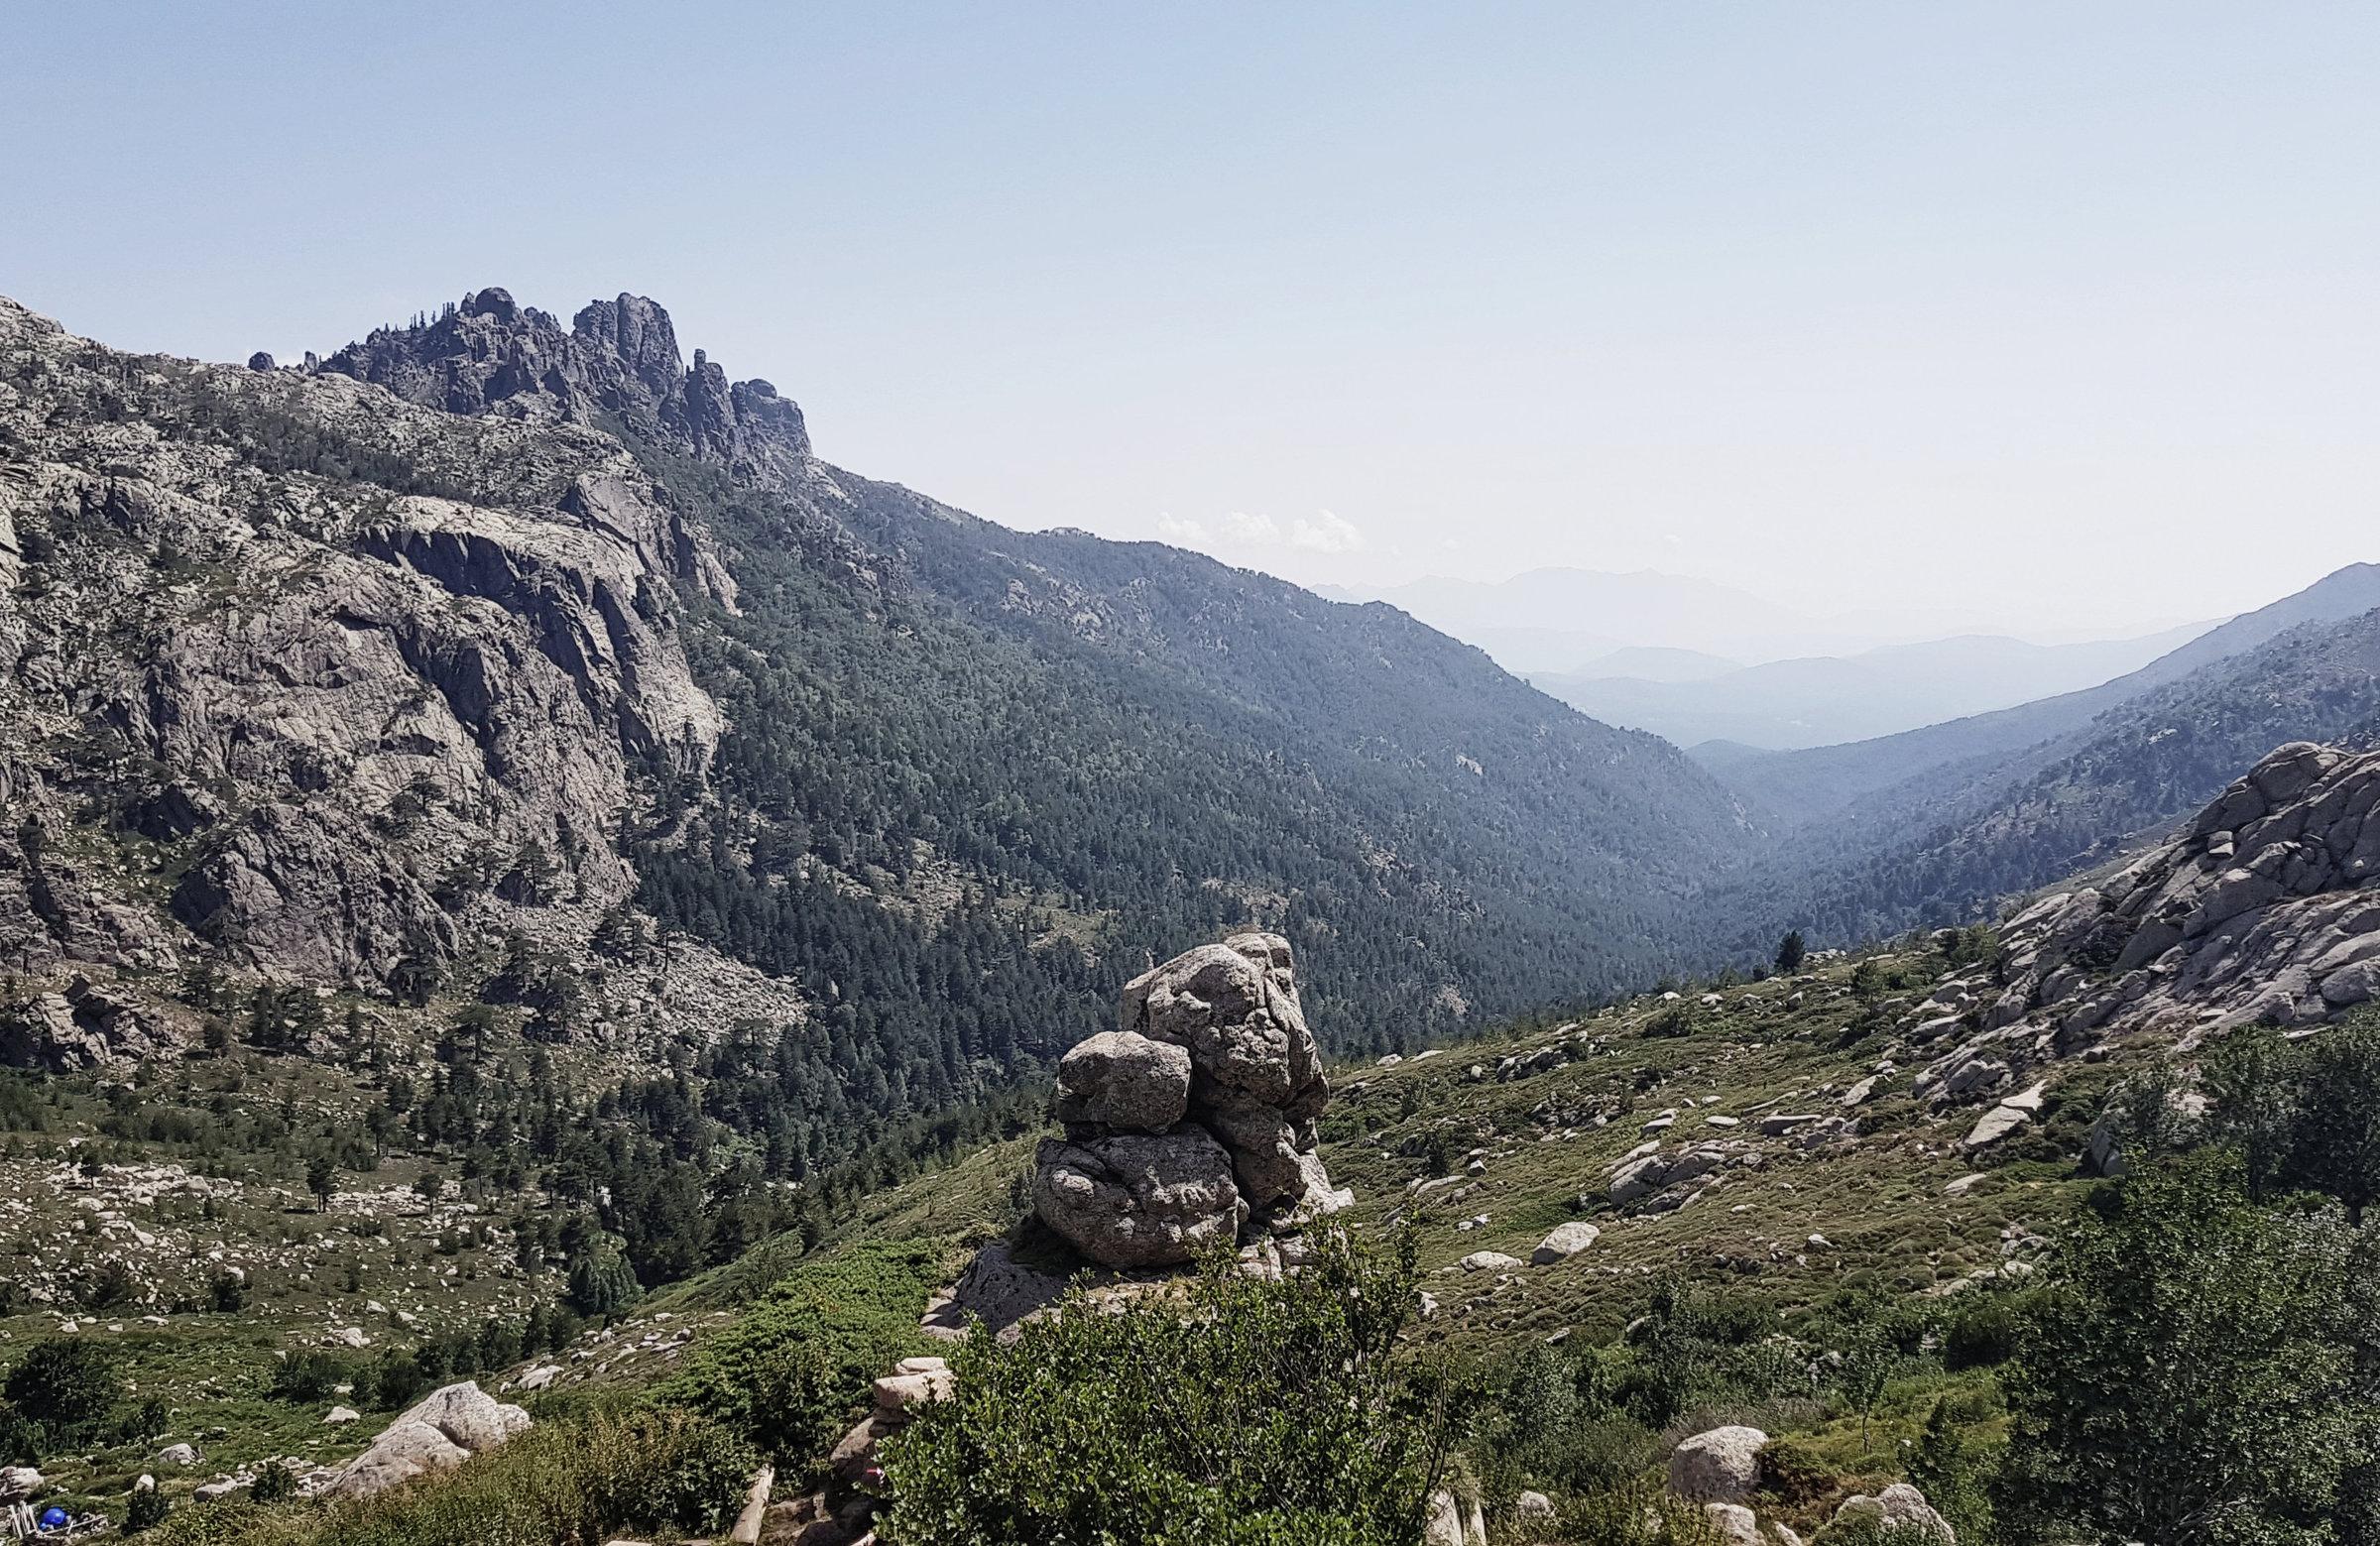 Was für ein Blick vom Zeltplatz!, Korsika, GR20 Weitwanderweg, Wandern, Berge, Frankreich